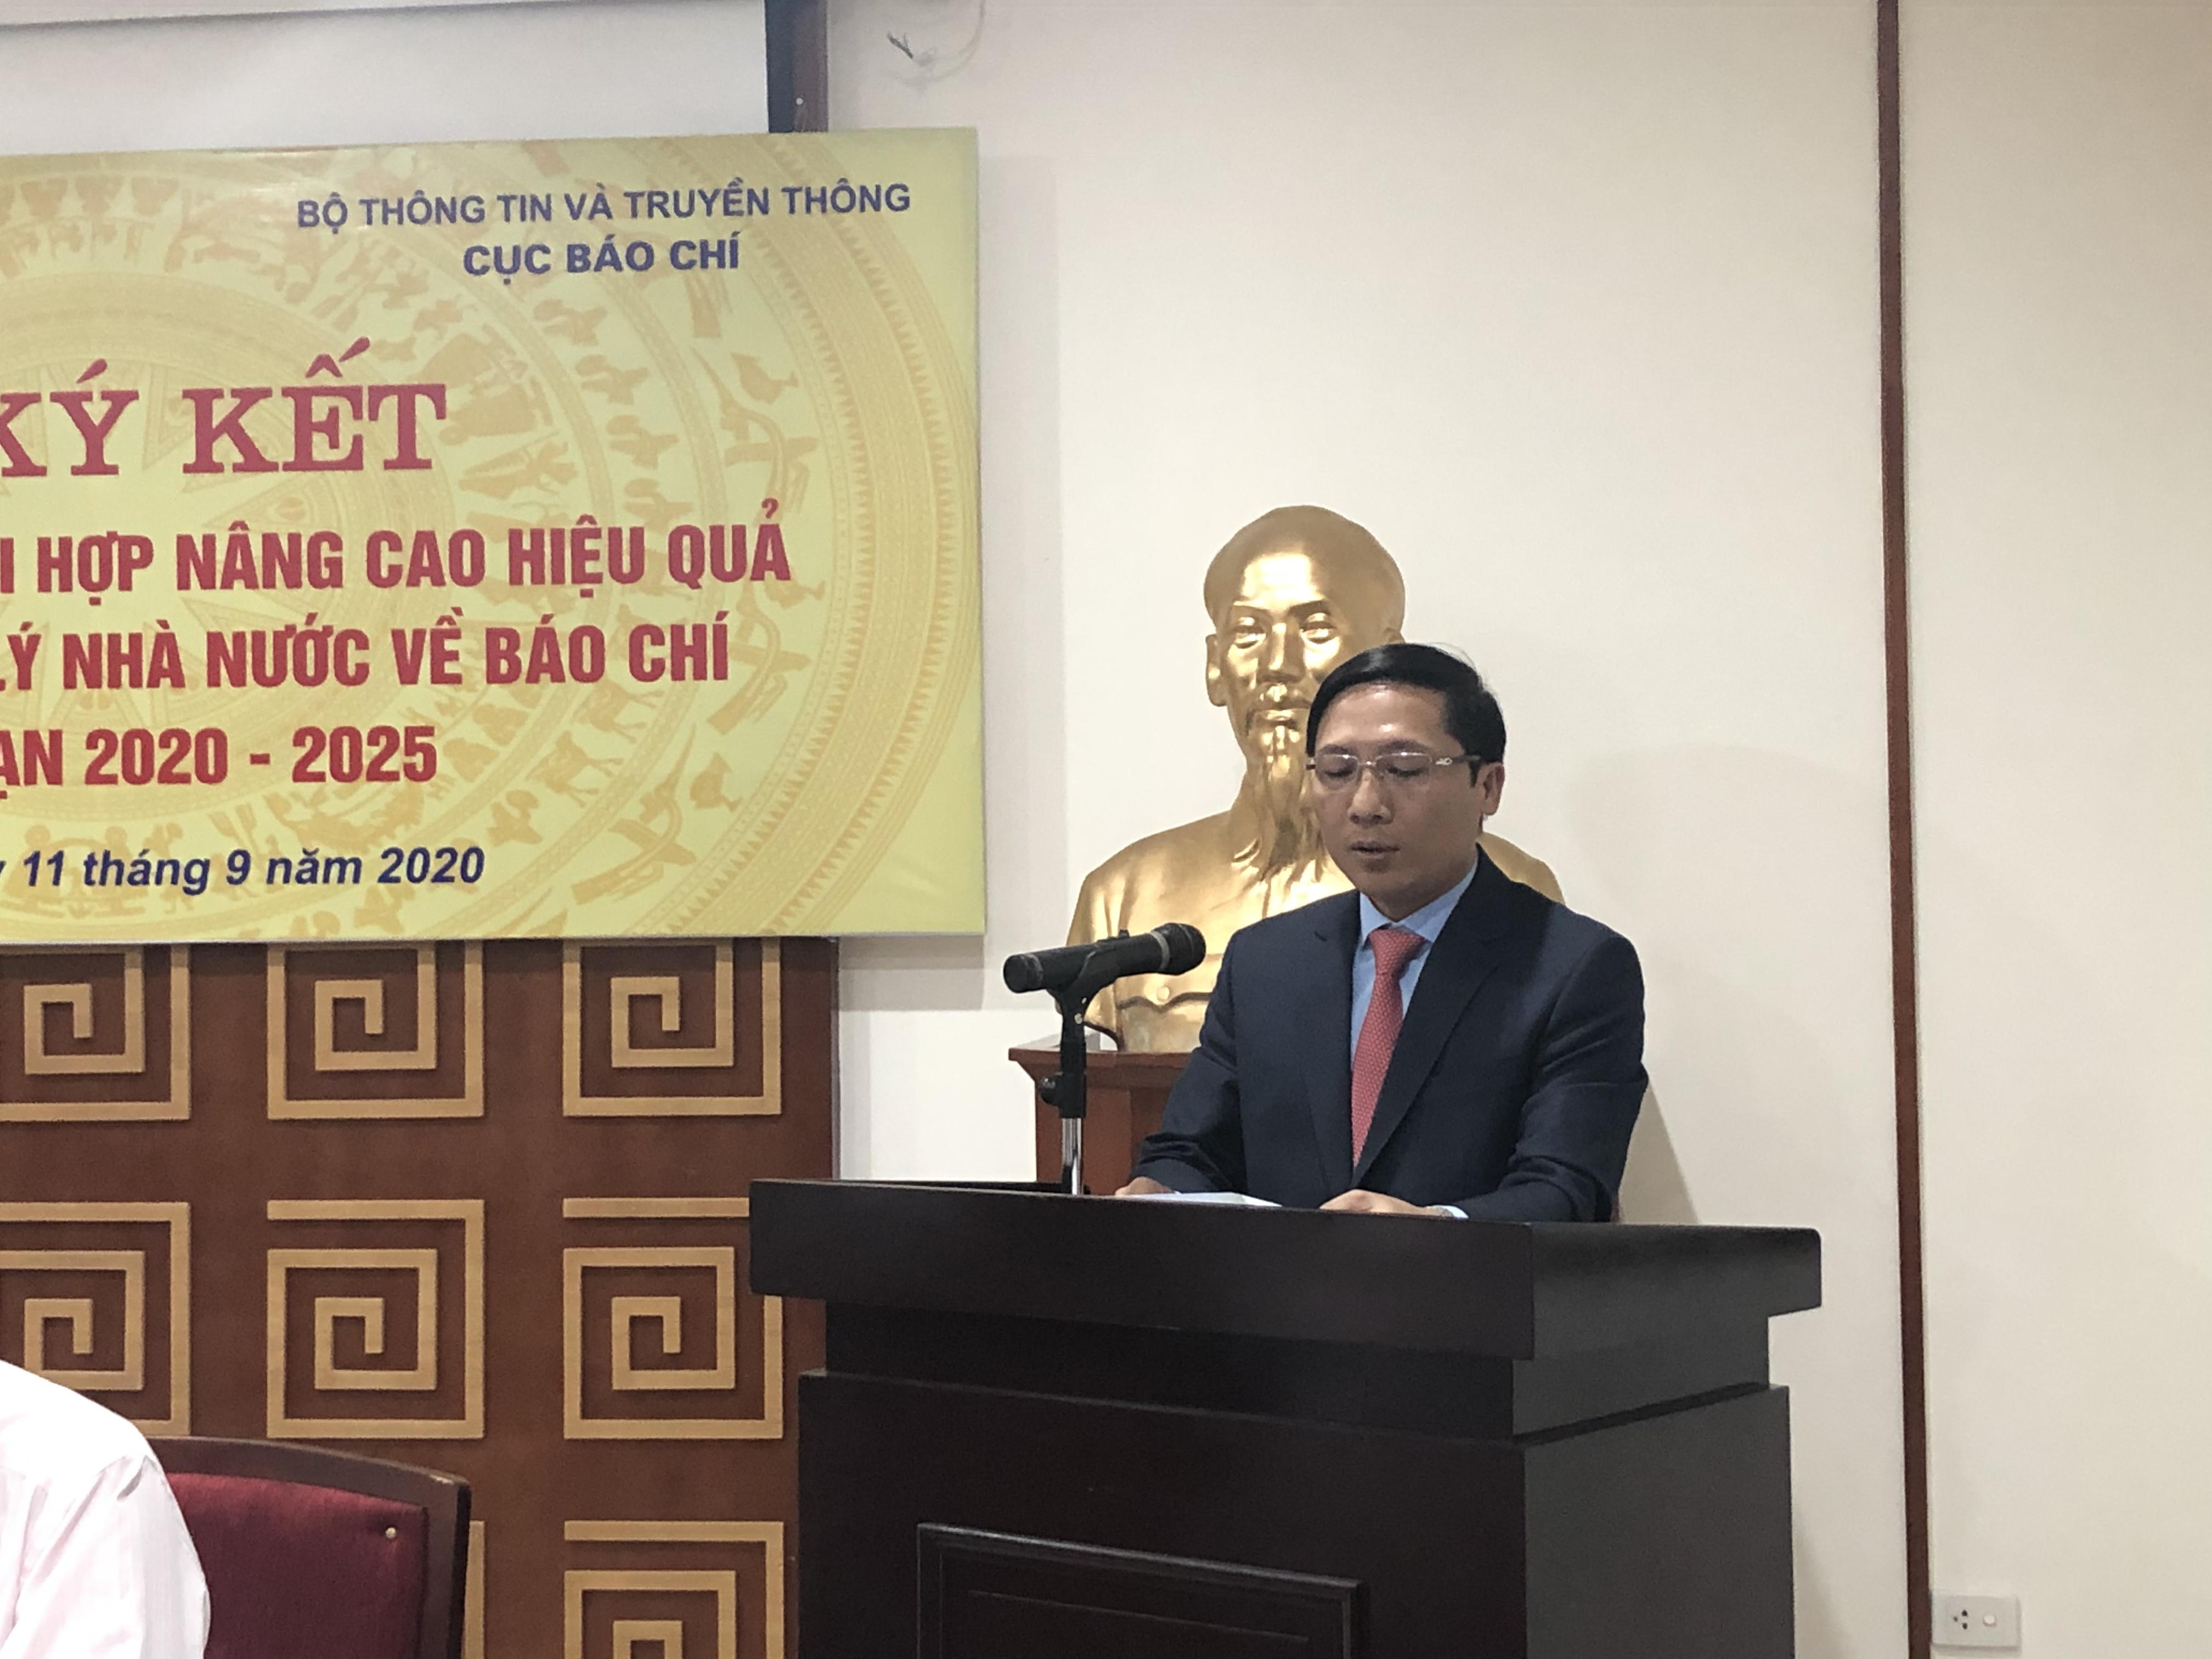 Đồng chí Nguyễn Thanh Liêm, Giám đốc Sở Thông tin và Truyền thông Hà Nội phát biểu khai mạc buổi lễ